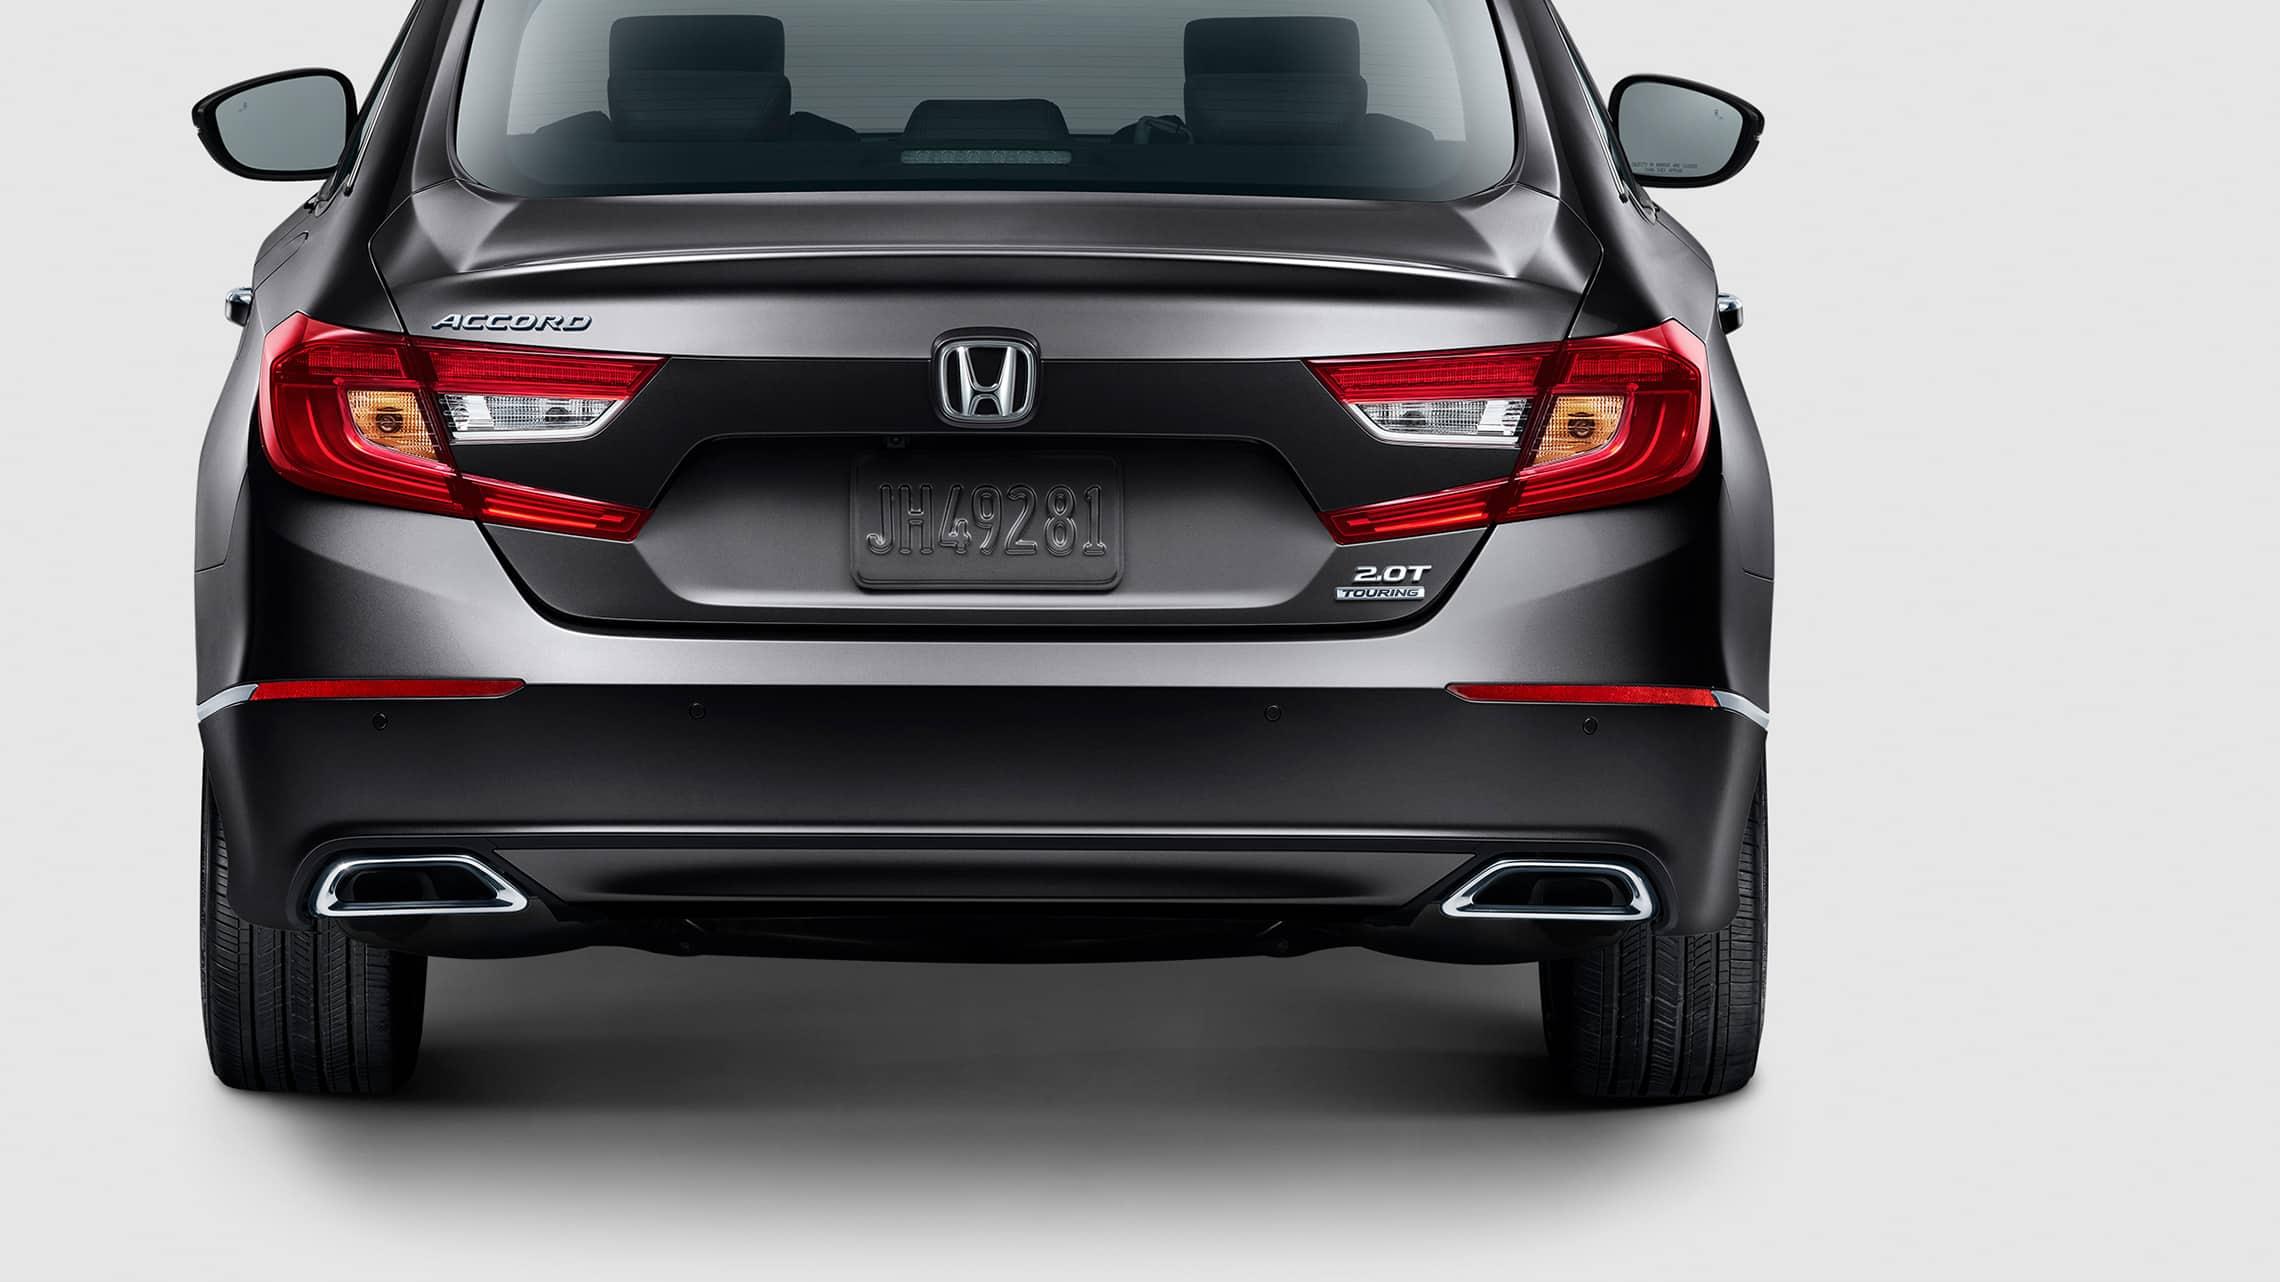 Detalle de las luces traseras con barras de luces de LED integradas en el Honda Accord Touring2.0T2020 en Modern Steel Metallic.